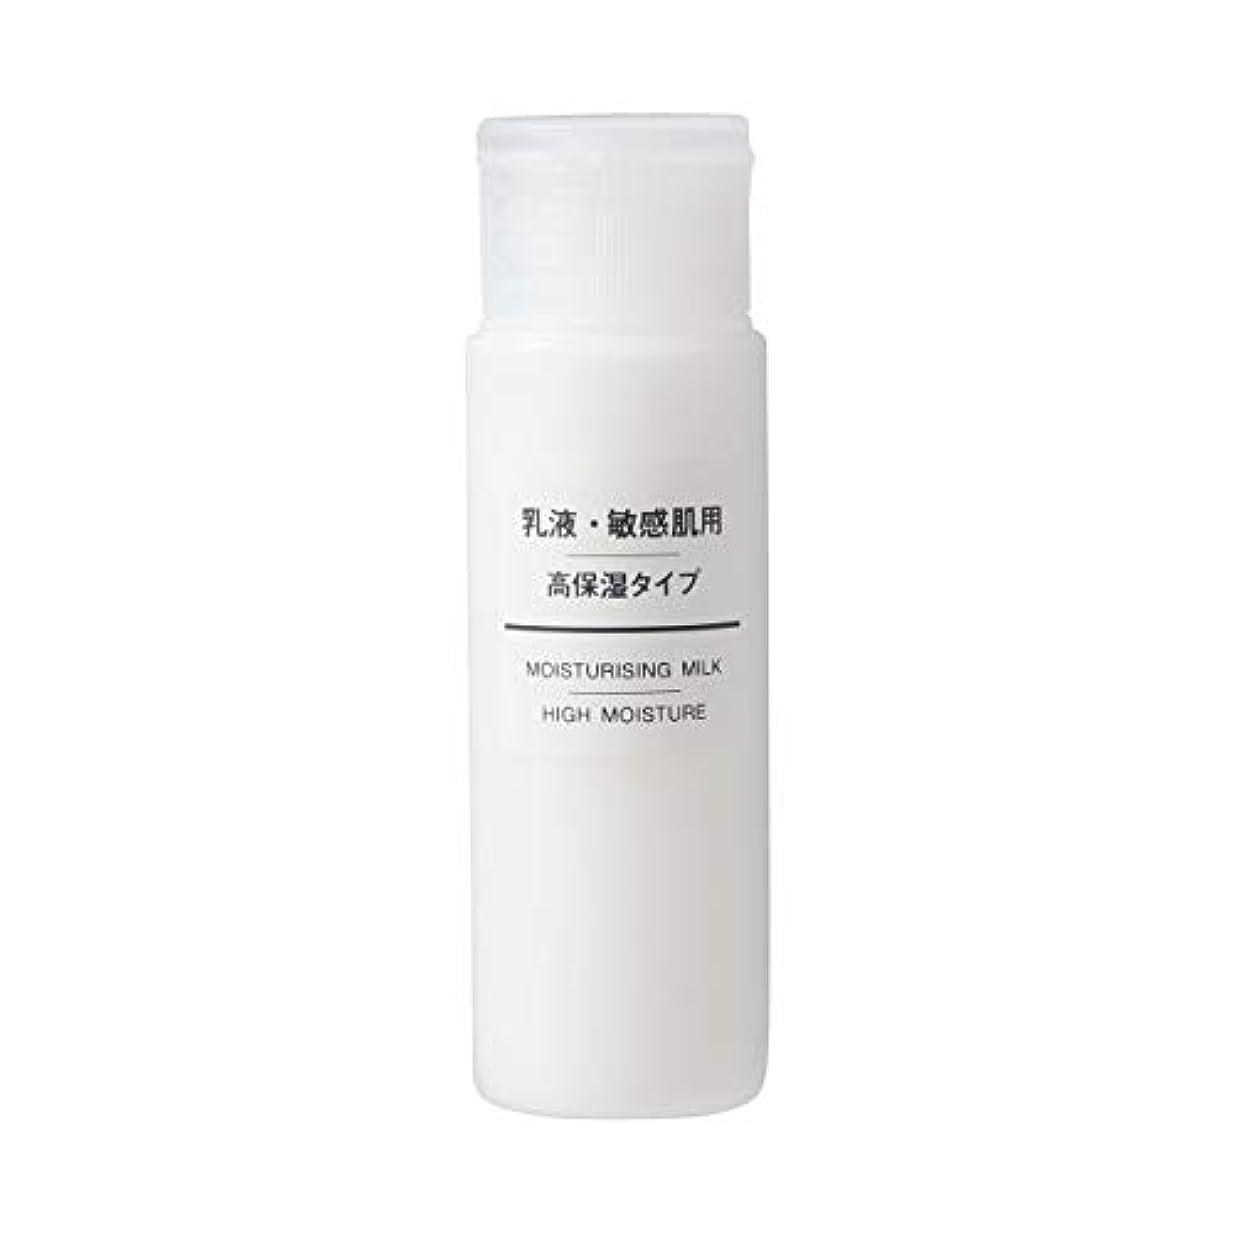 差別する優しさバルーン無印良品 乳液 敏感肌用 高保湿タイプ(携帯用) 50ml